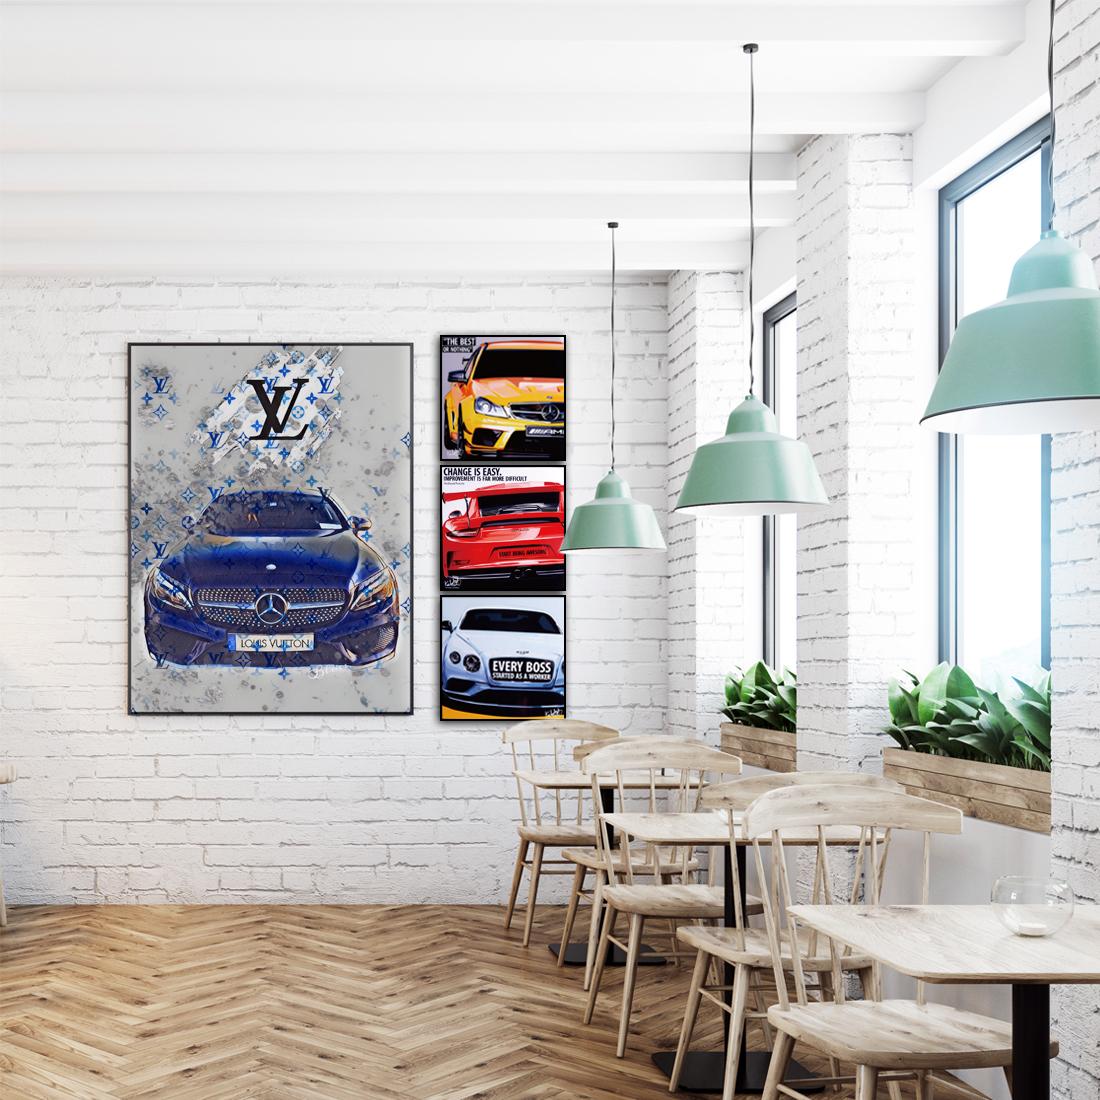 ベンツ × LV|オマージュアート/アートポスター専門店 ARTLIFE GALLERY